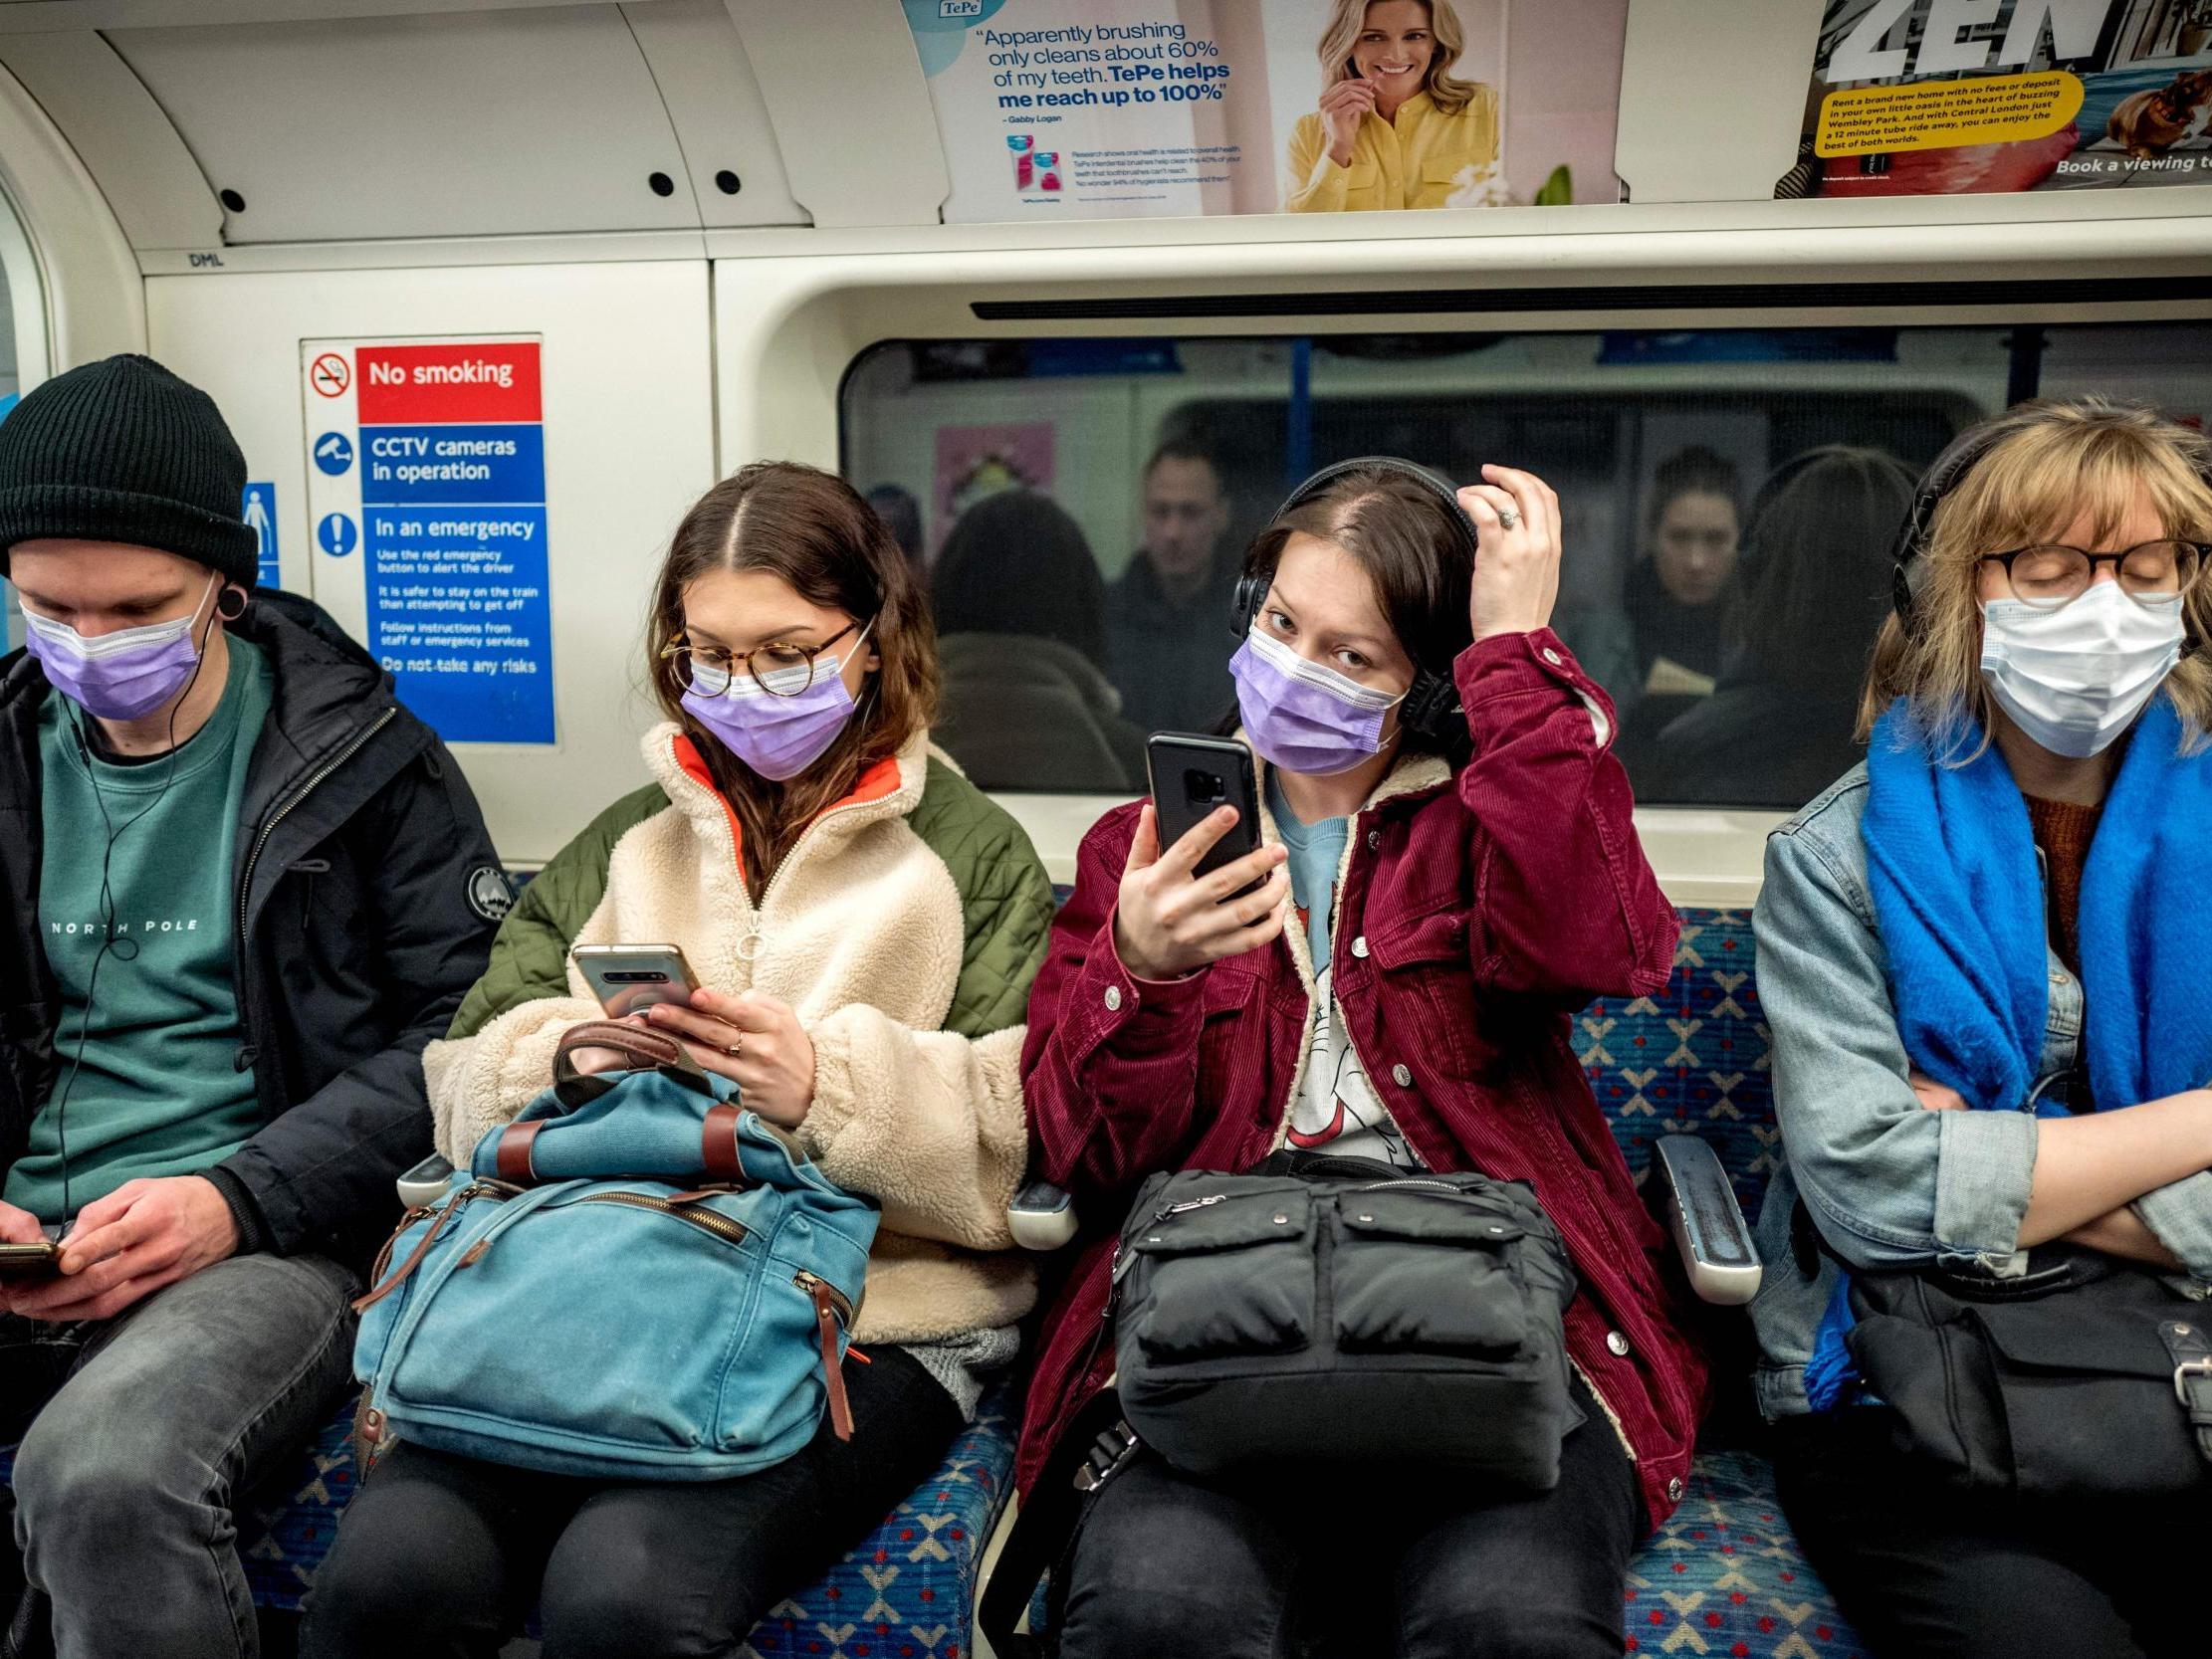 Coronavirus: London mayor Sadiq Khan considering making face masks mandatory on public transport